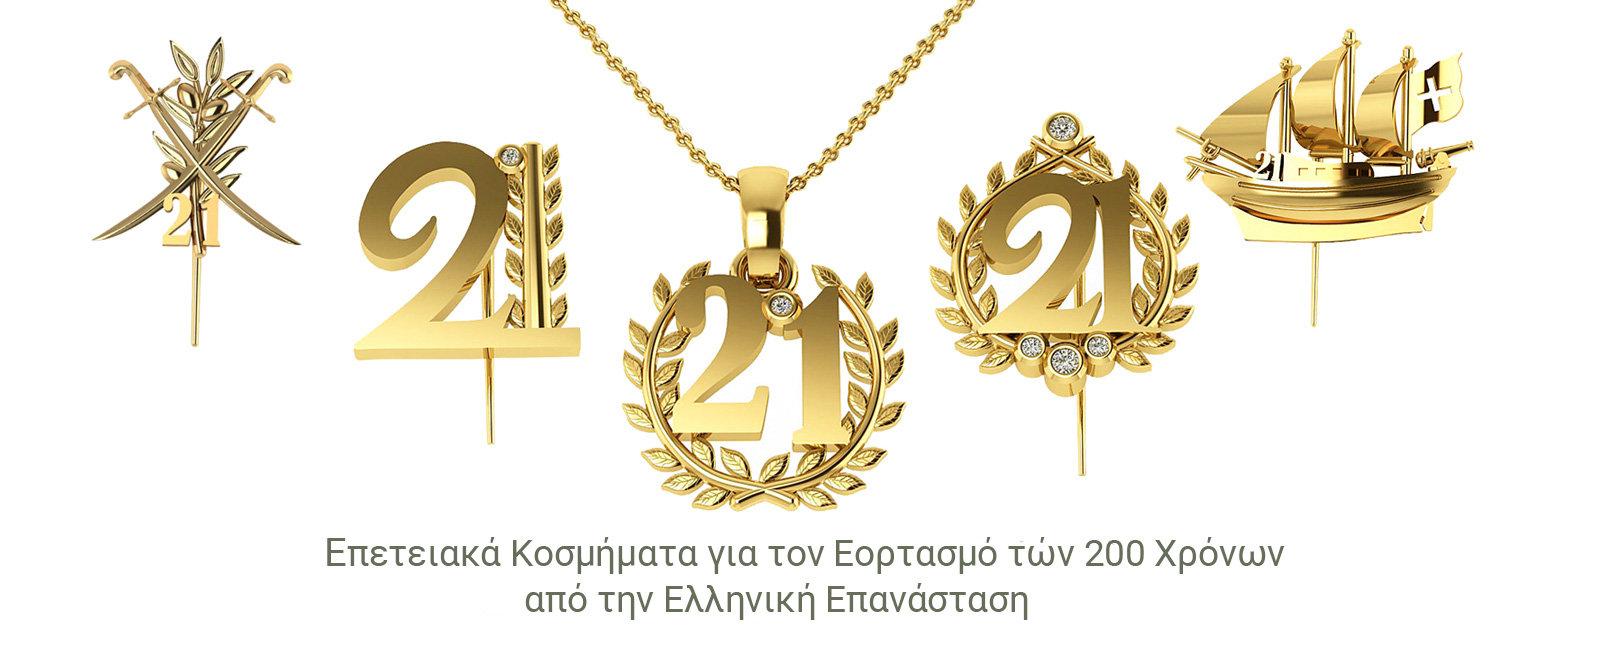 Επετειακά κοσμήματα, γούρια 2021, 200 χρόνια Ελλάδα